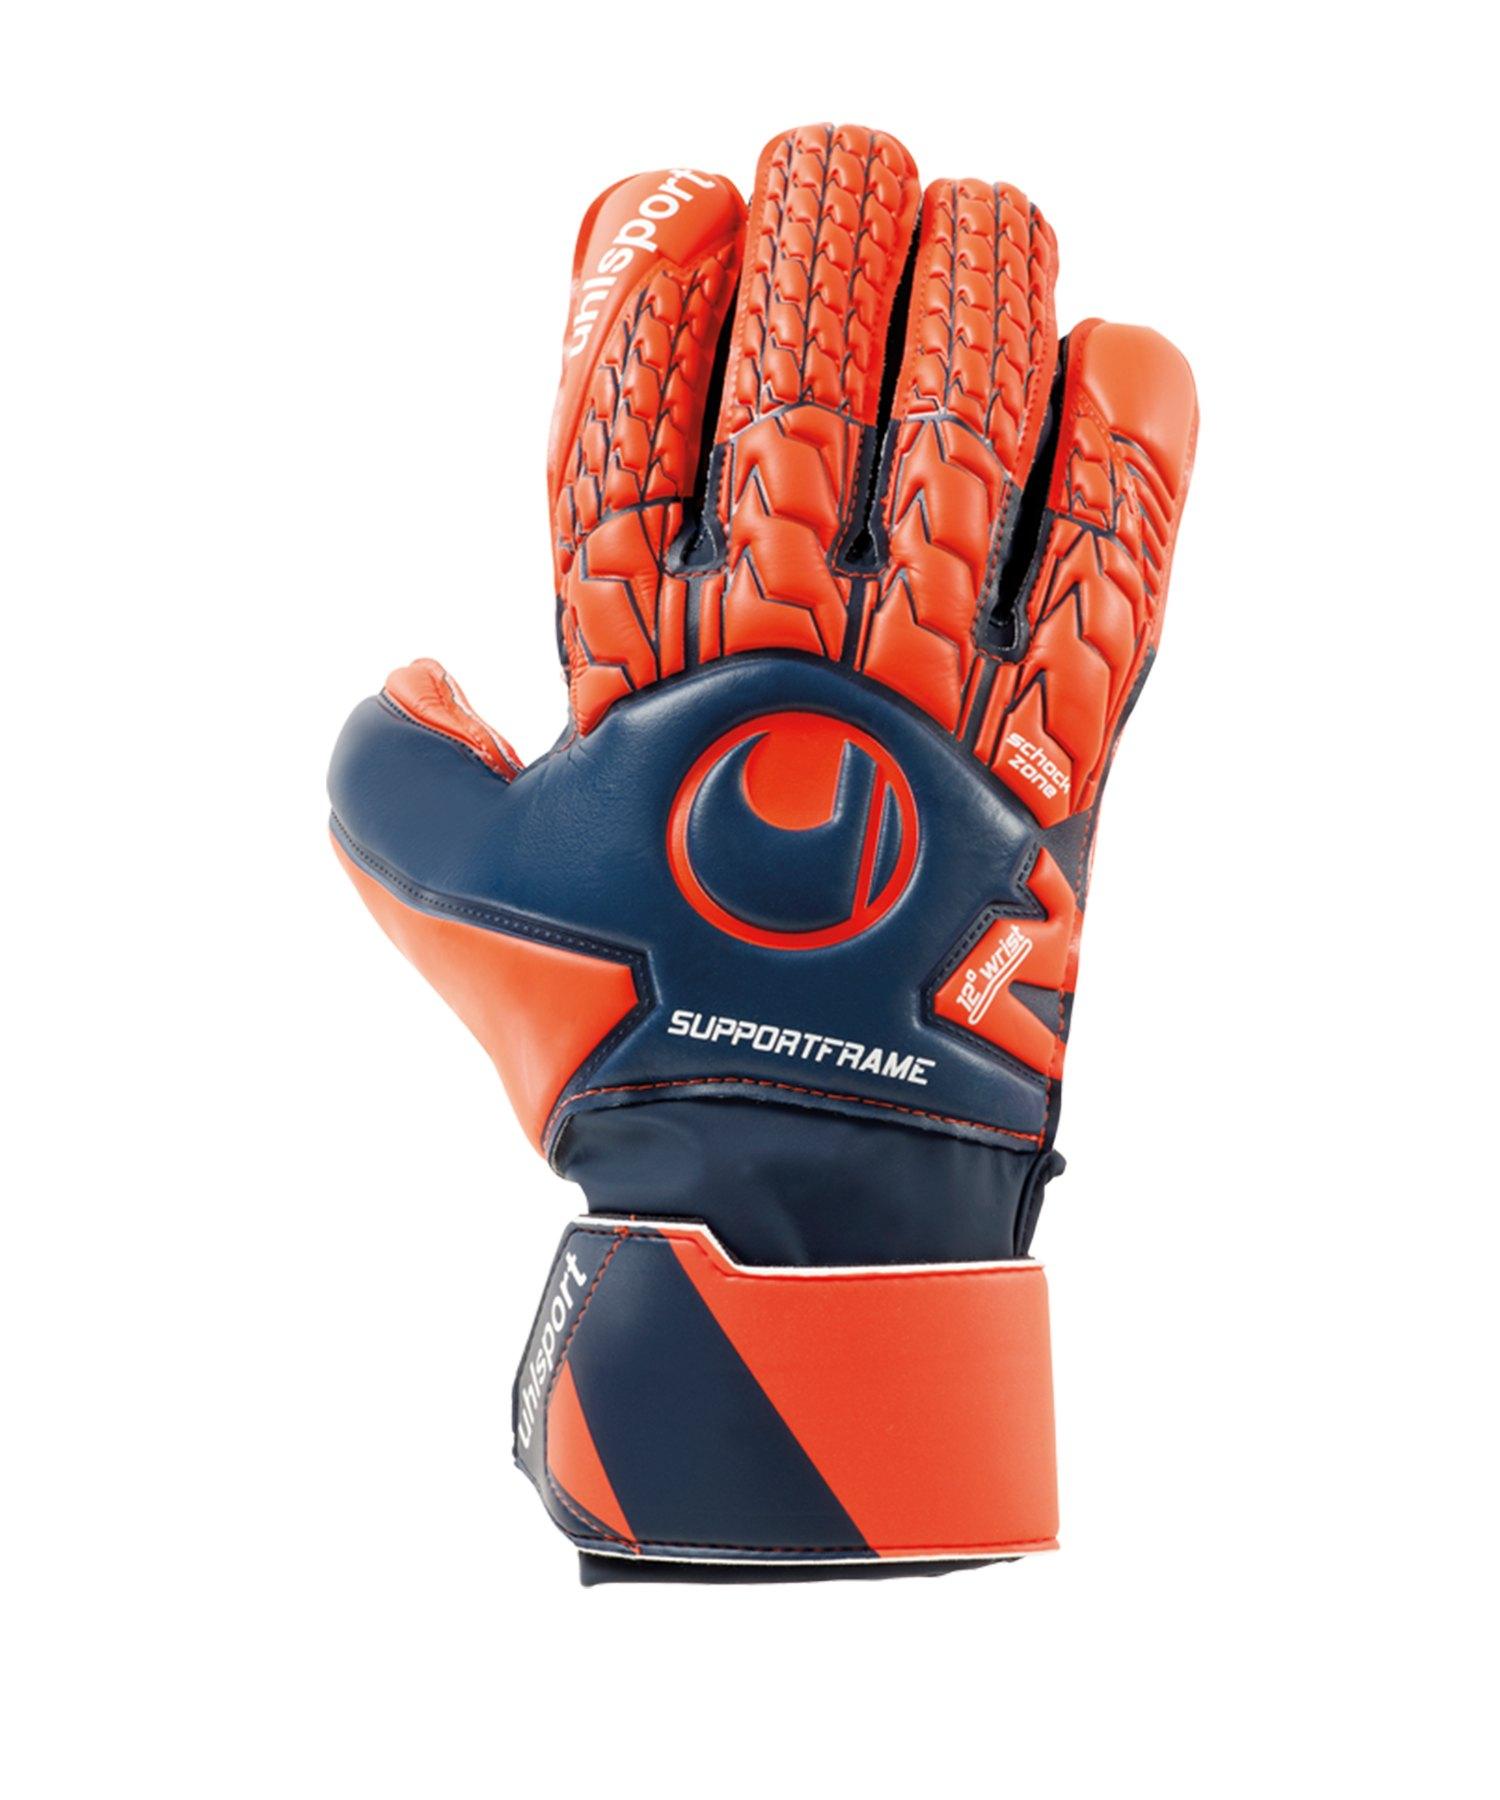 Uhlsport Next Level Soft SF TW-Handschuh Blau F01 - blau